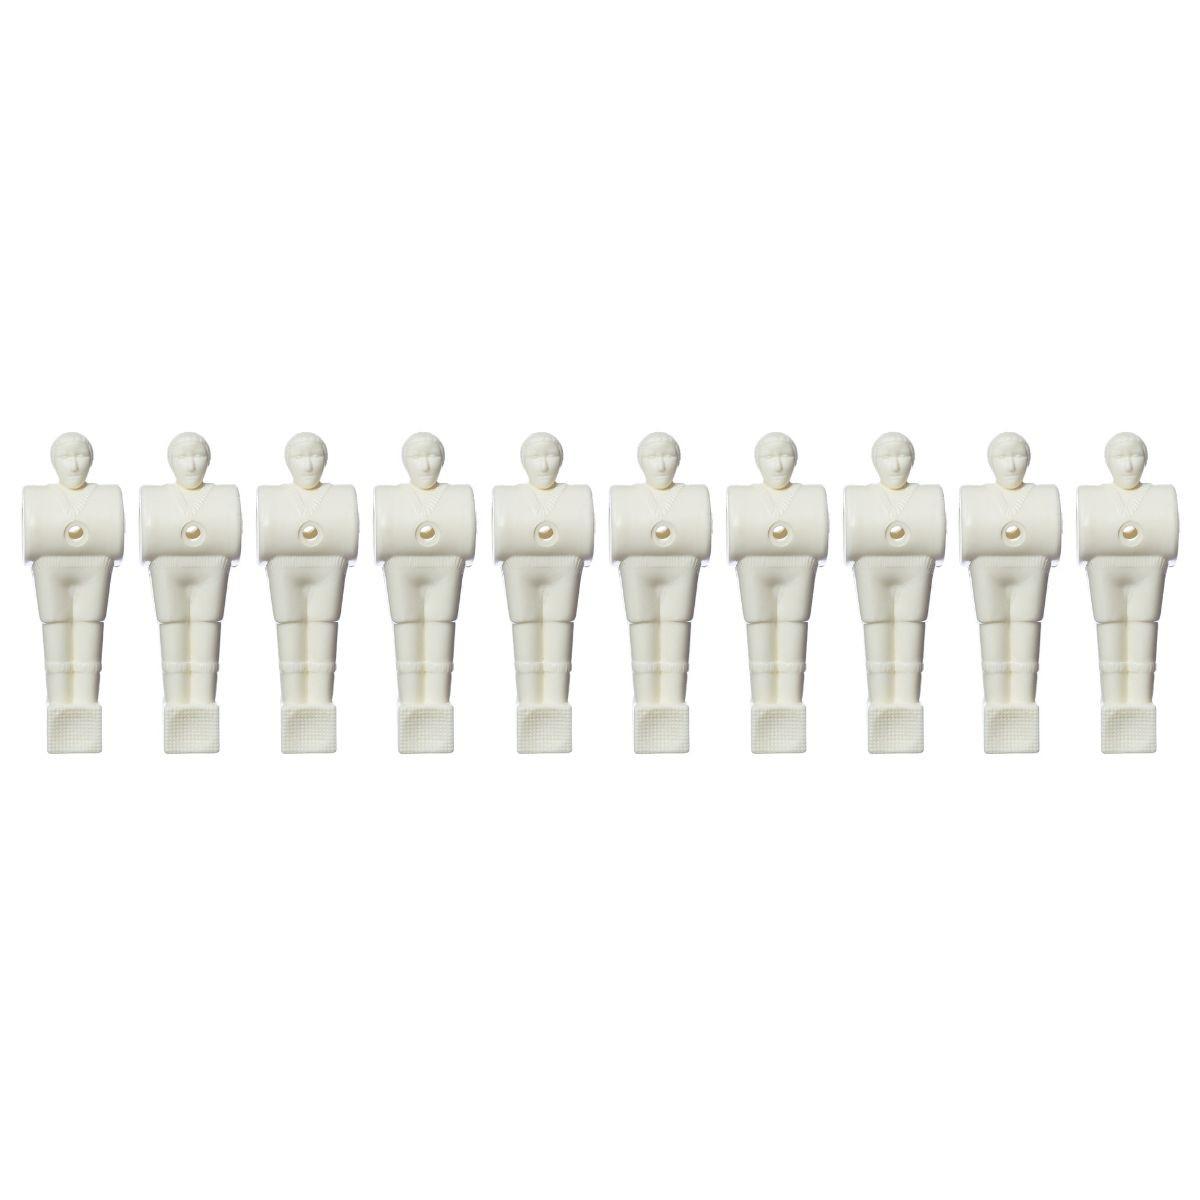 Bonecos Pebolim / Totó Branco - 11 unidades